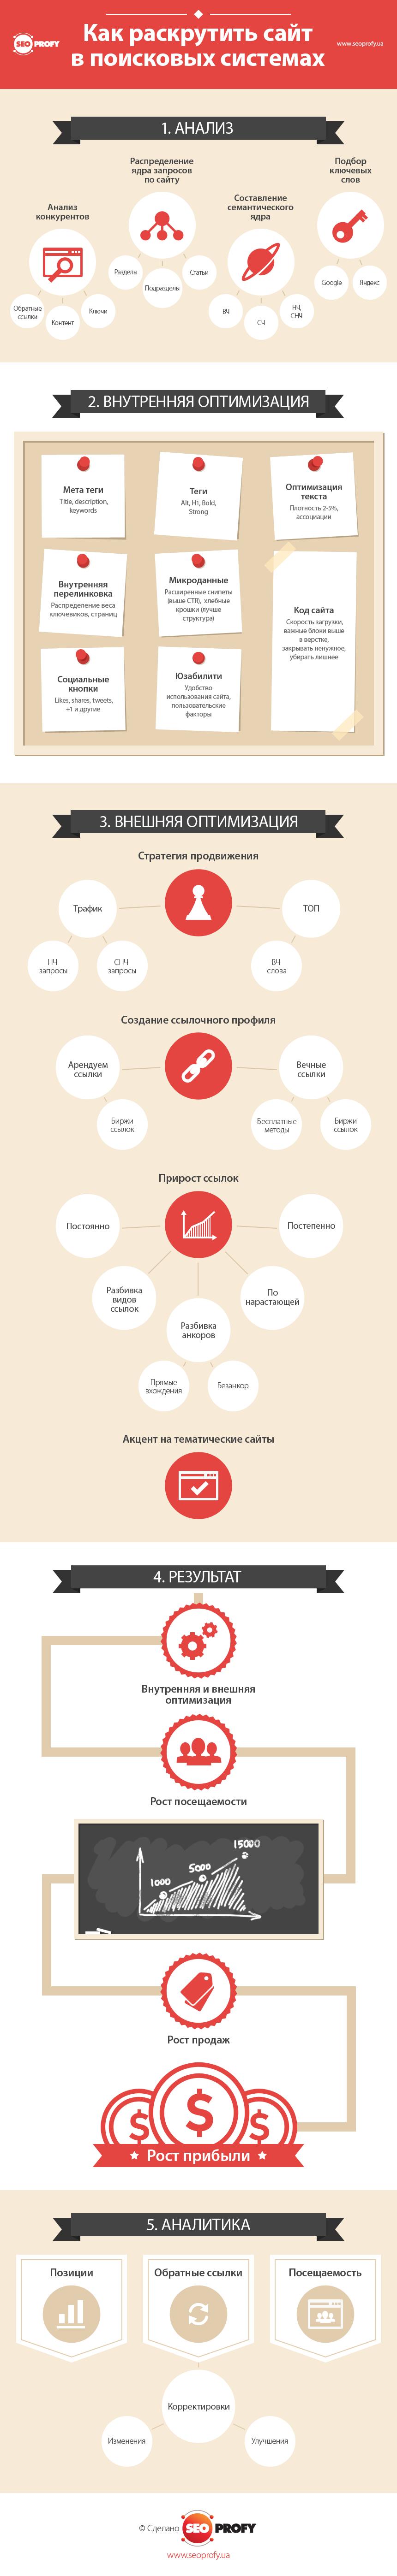 Как раскрутить сайт в поисковых системах [Инфографика]